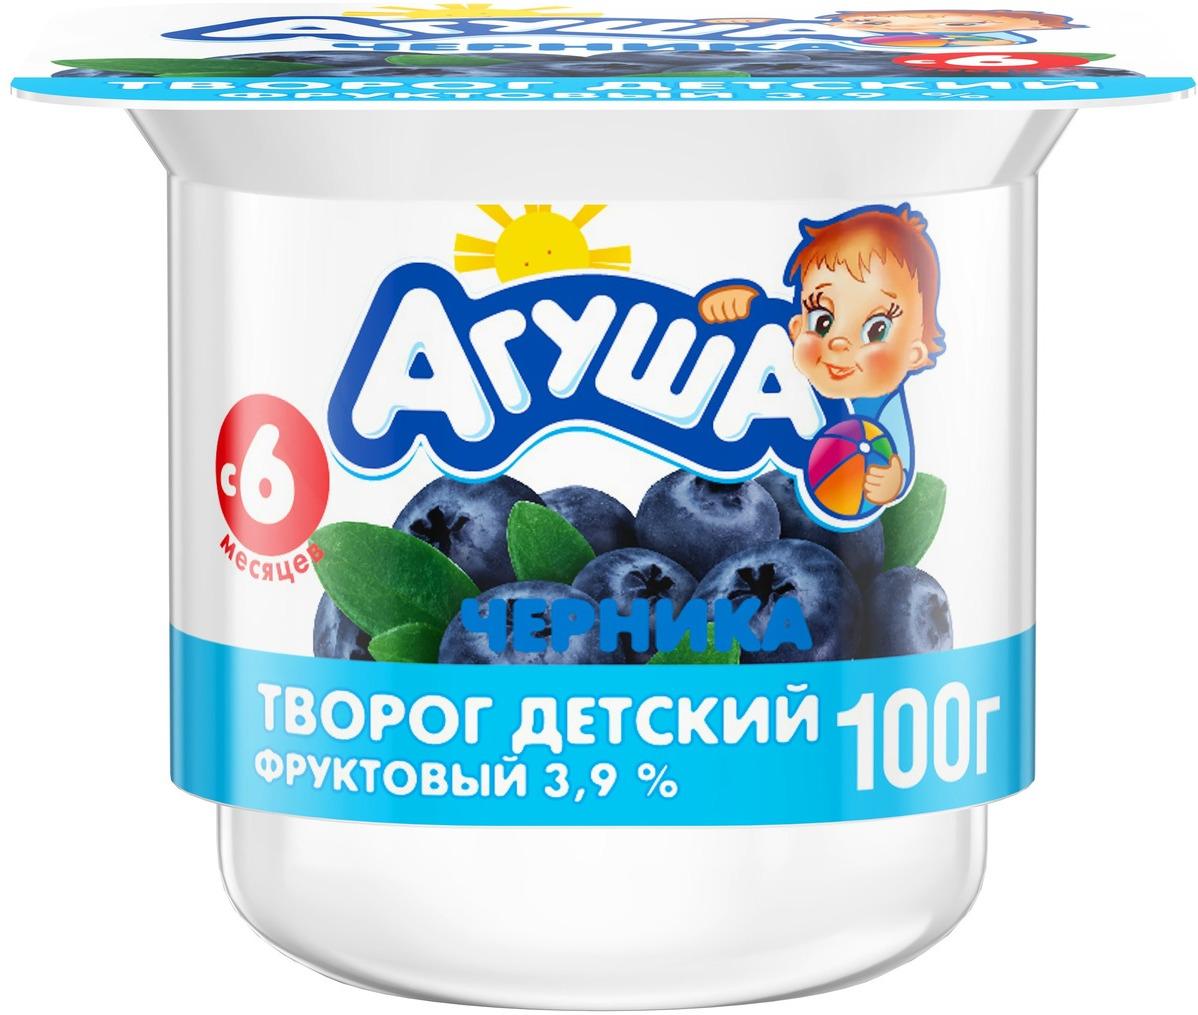 Творог фруктовый 3,9% с 6 месяцев Агуша Черника, 100 г